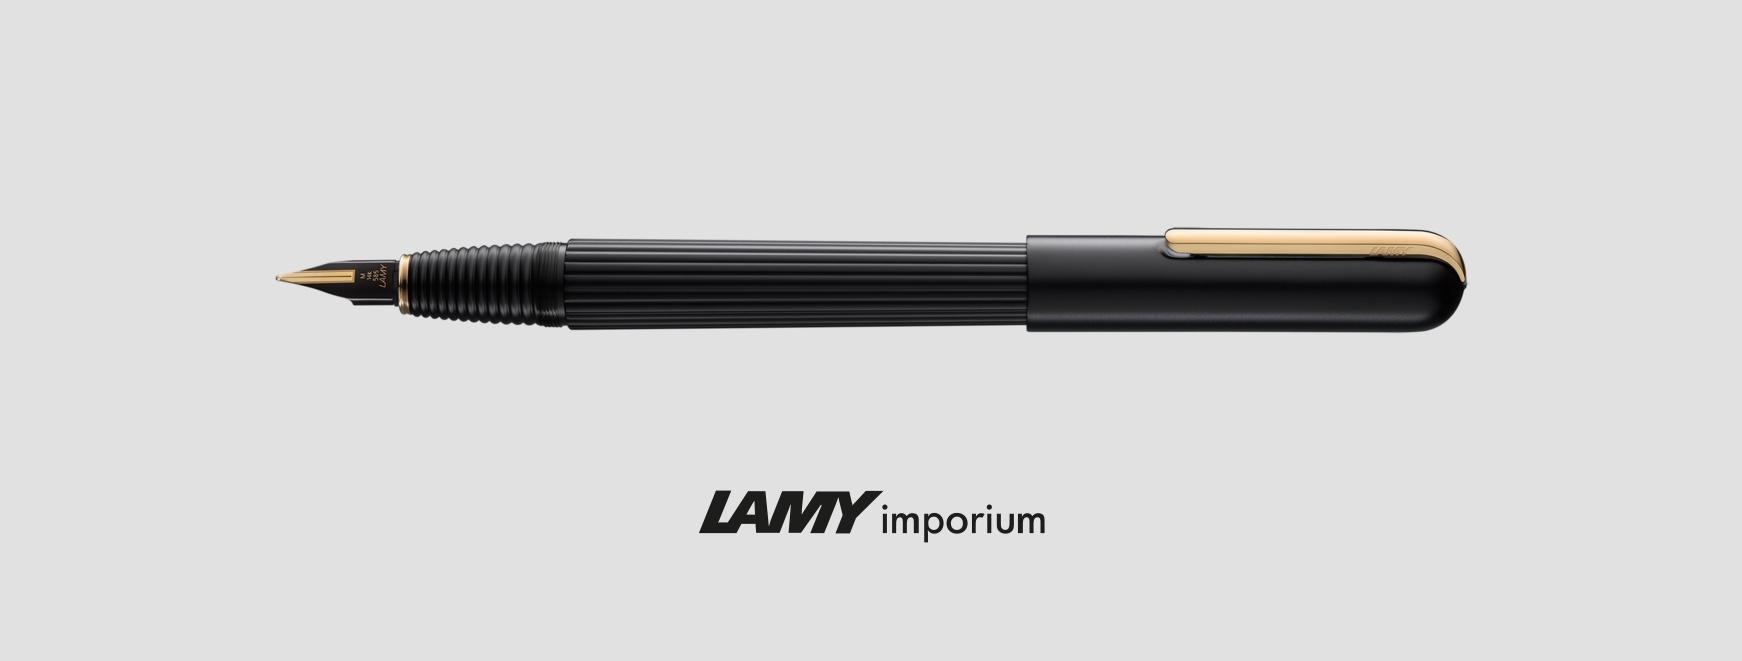 ปากกา LAMY รุ่น imporium